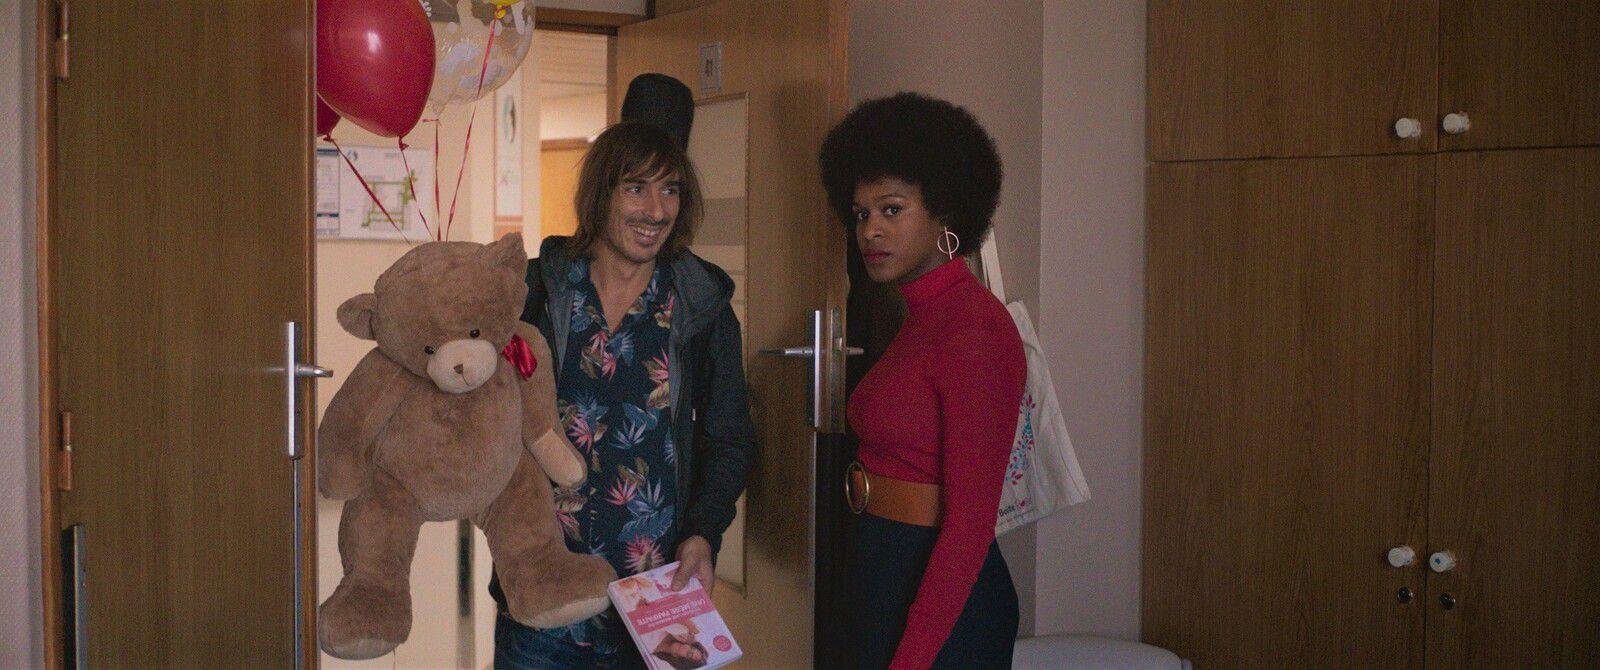 C'est la vie (BANDE-ANNONCE) avec Josiane Balasko, Nicolas Maury, Léa Drucker - Le 28 juillet 2021 au cinéma